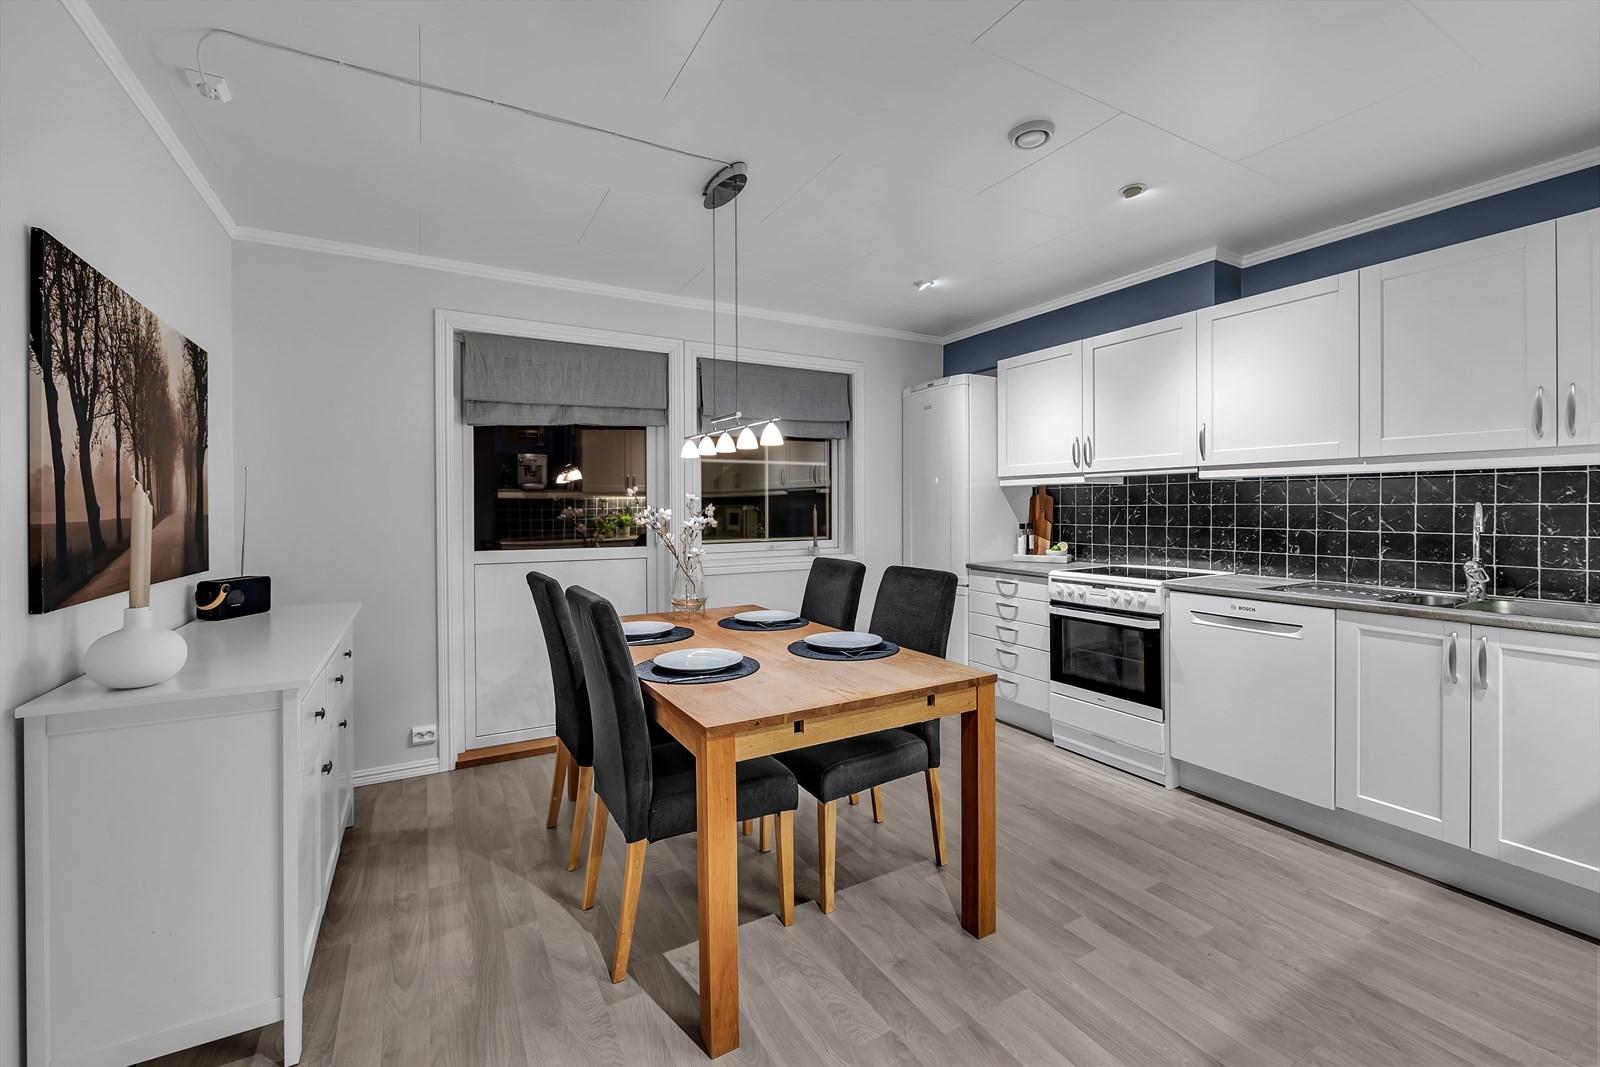 Stort kjøkken med plass til stort spisebord inne på rommet. Utgang til markterrasse.